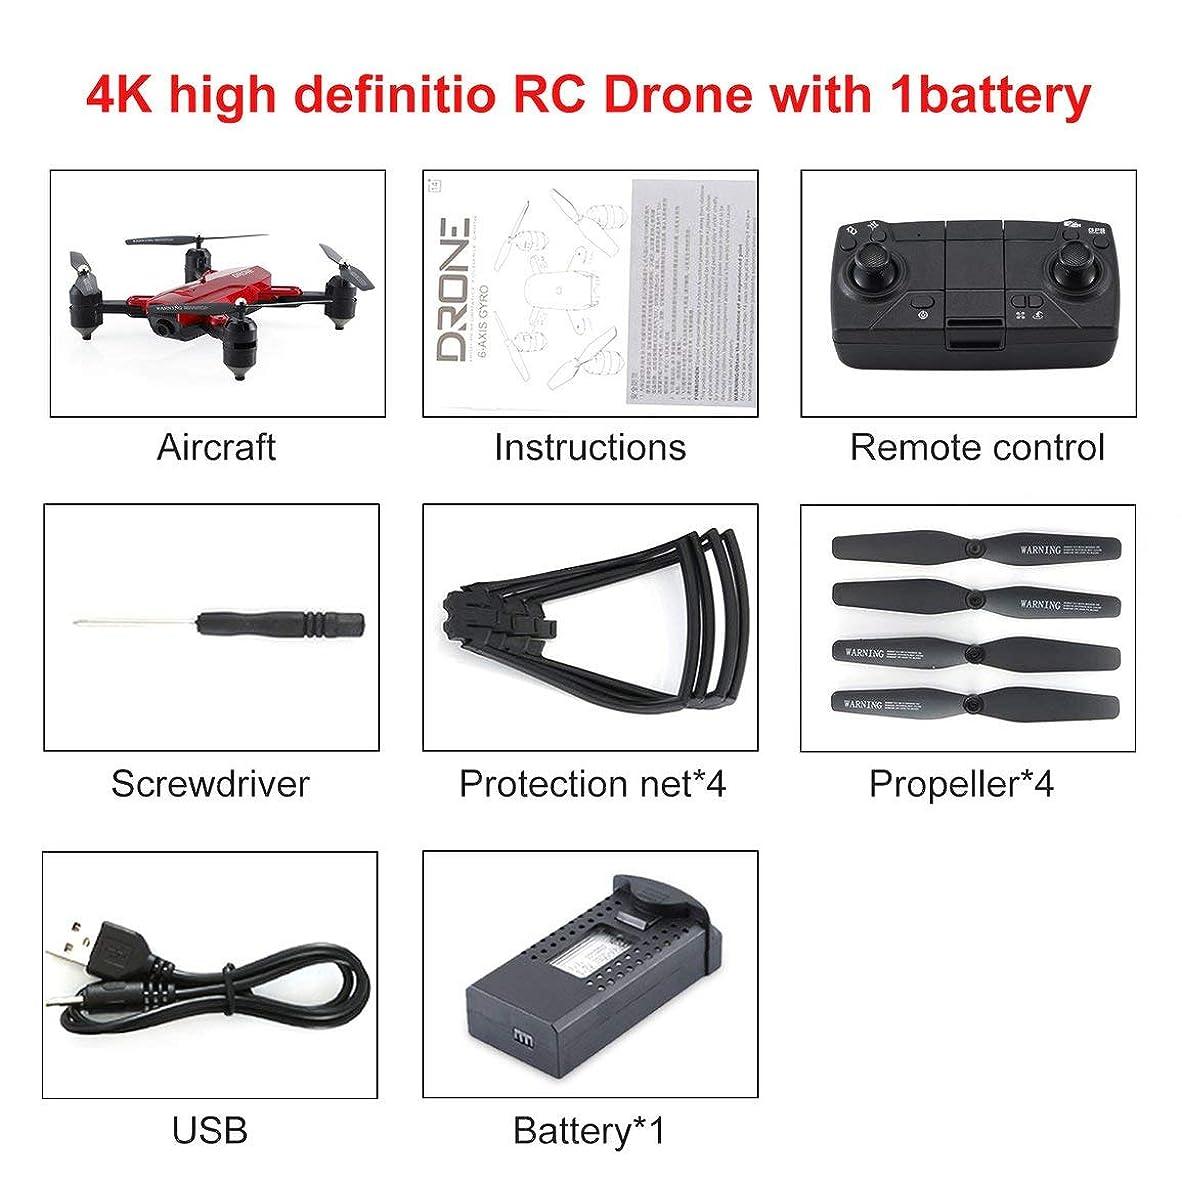 すり減る苦しめる付けるZD5-G GPS折りたたみ式ドローン、デュアルカメラジェスチャフォトリモートコントロールトイマシンヘッドレスモードオプティカルフローポジショニング-赤4K(広角/赤/ 1 *バッテリー)